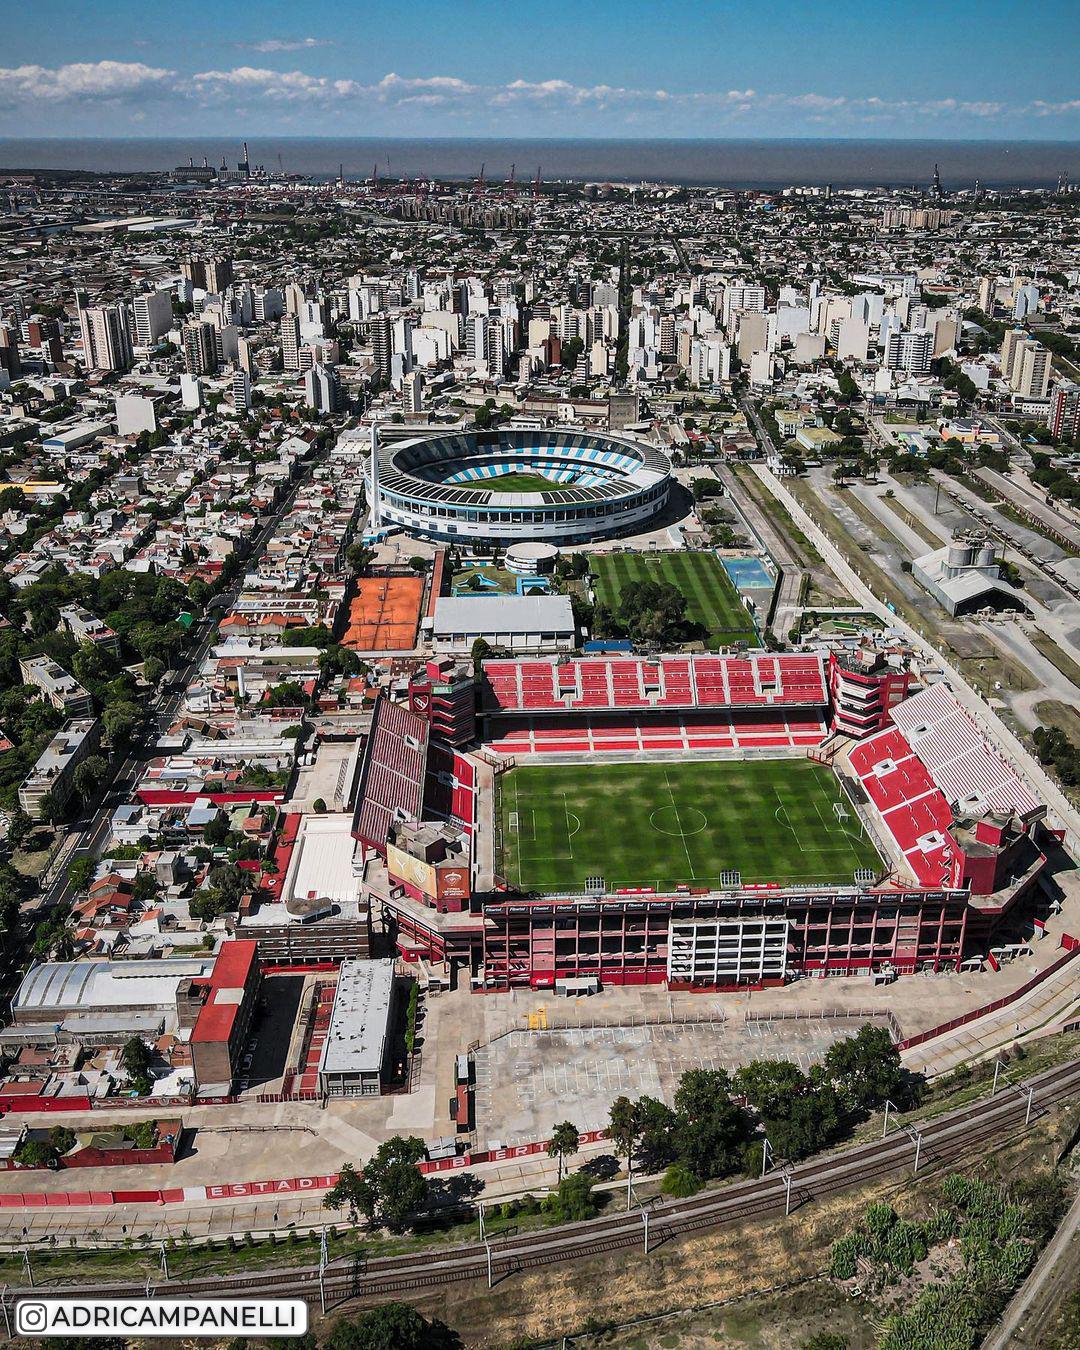 «Президент Хуан Доминго Перон» — один из самых красивых стадионов Аргентины. Коллекция фотографий с дронов